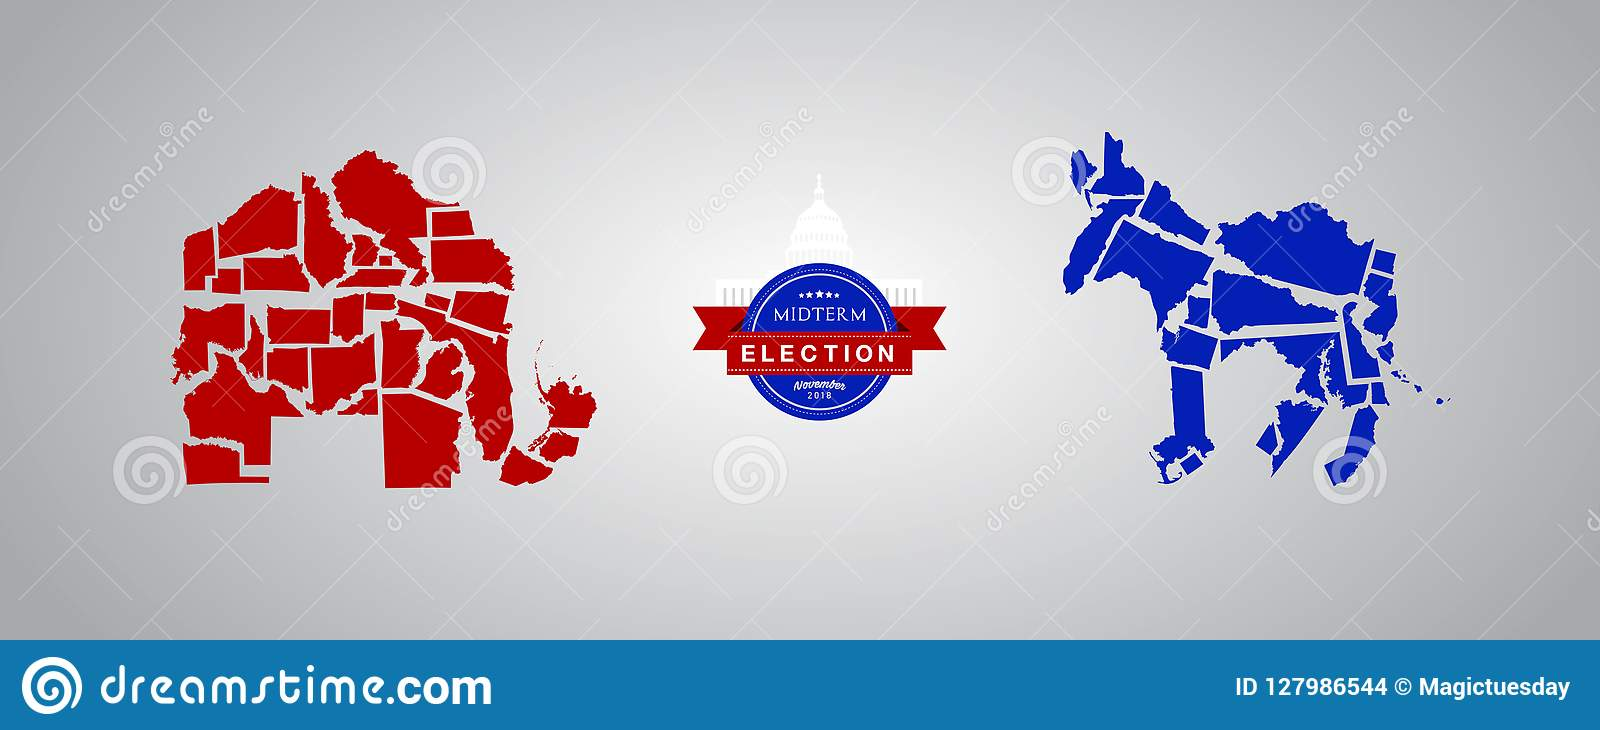 Ilustracyjny pomysł dla połowa semestru wyborów - Republikańscy stany versus Demokrata stany